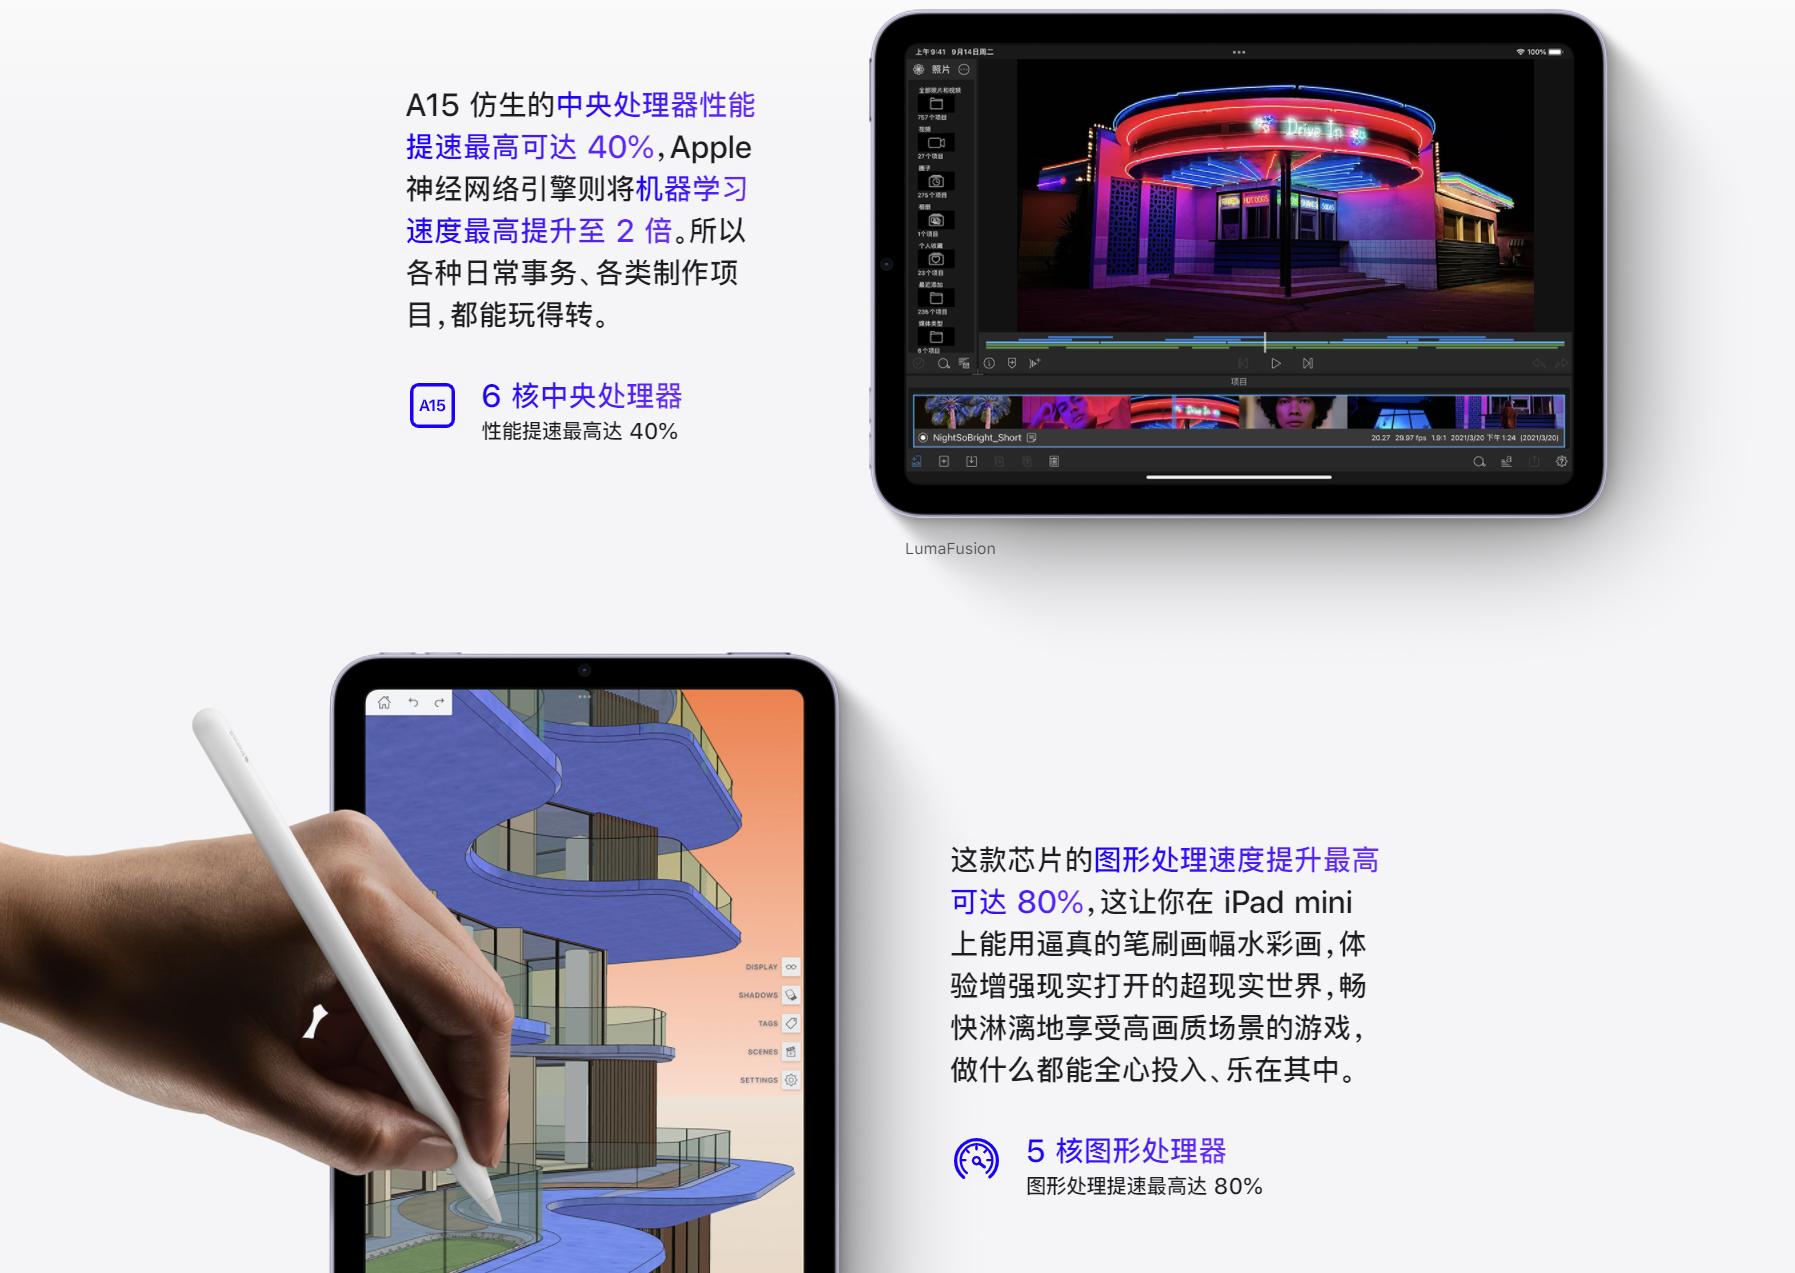 苹果发布会三大亮点:5纳米A15芯片、120Hz屏幕刷新率、片子级摄像头  刷新率 ipad 苹果发布会 数码 苹果公司 iphone 芯片 苹果 第4张